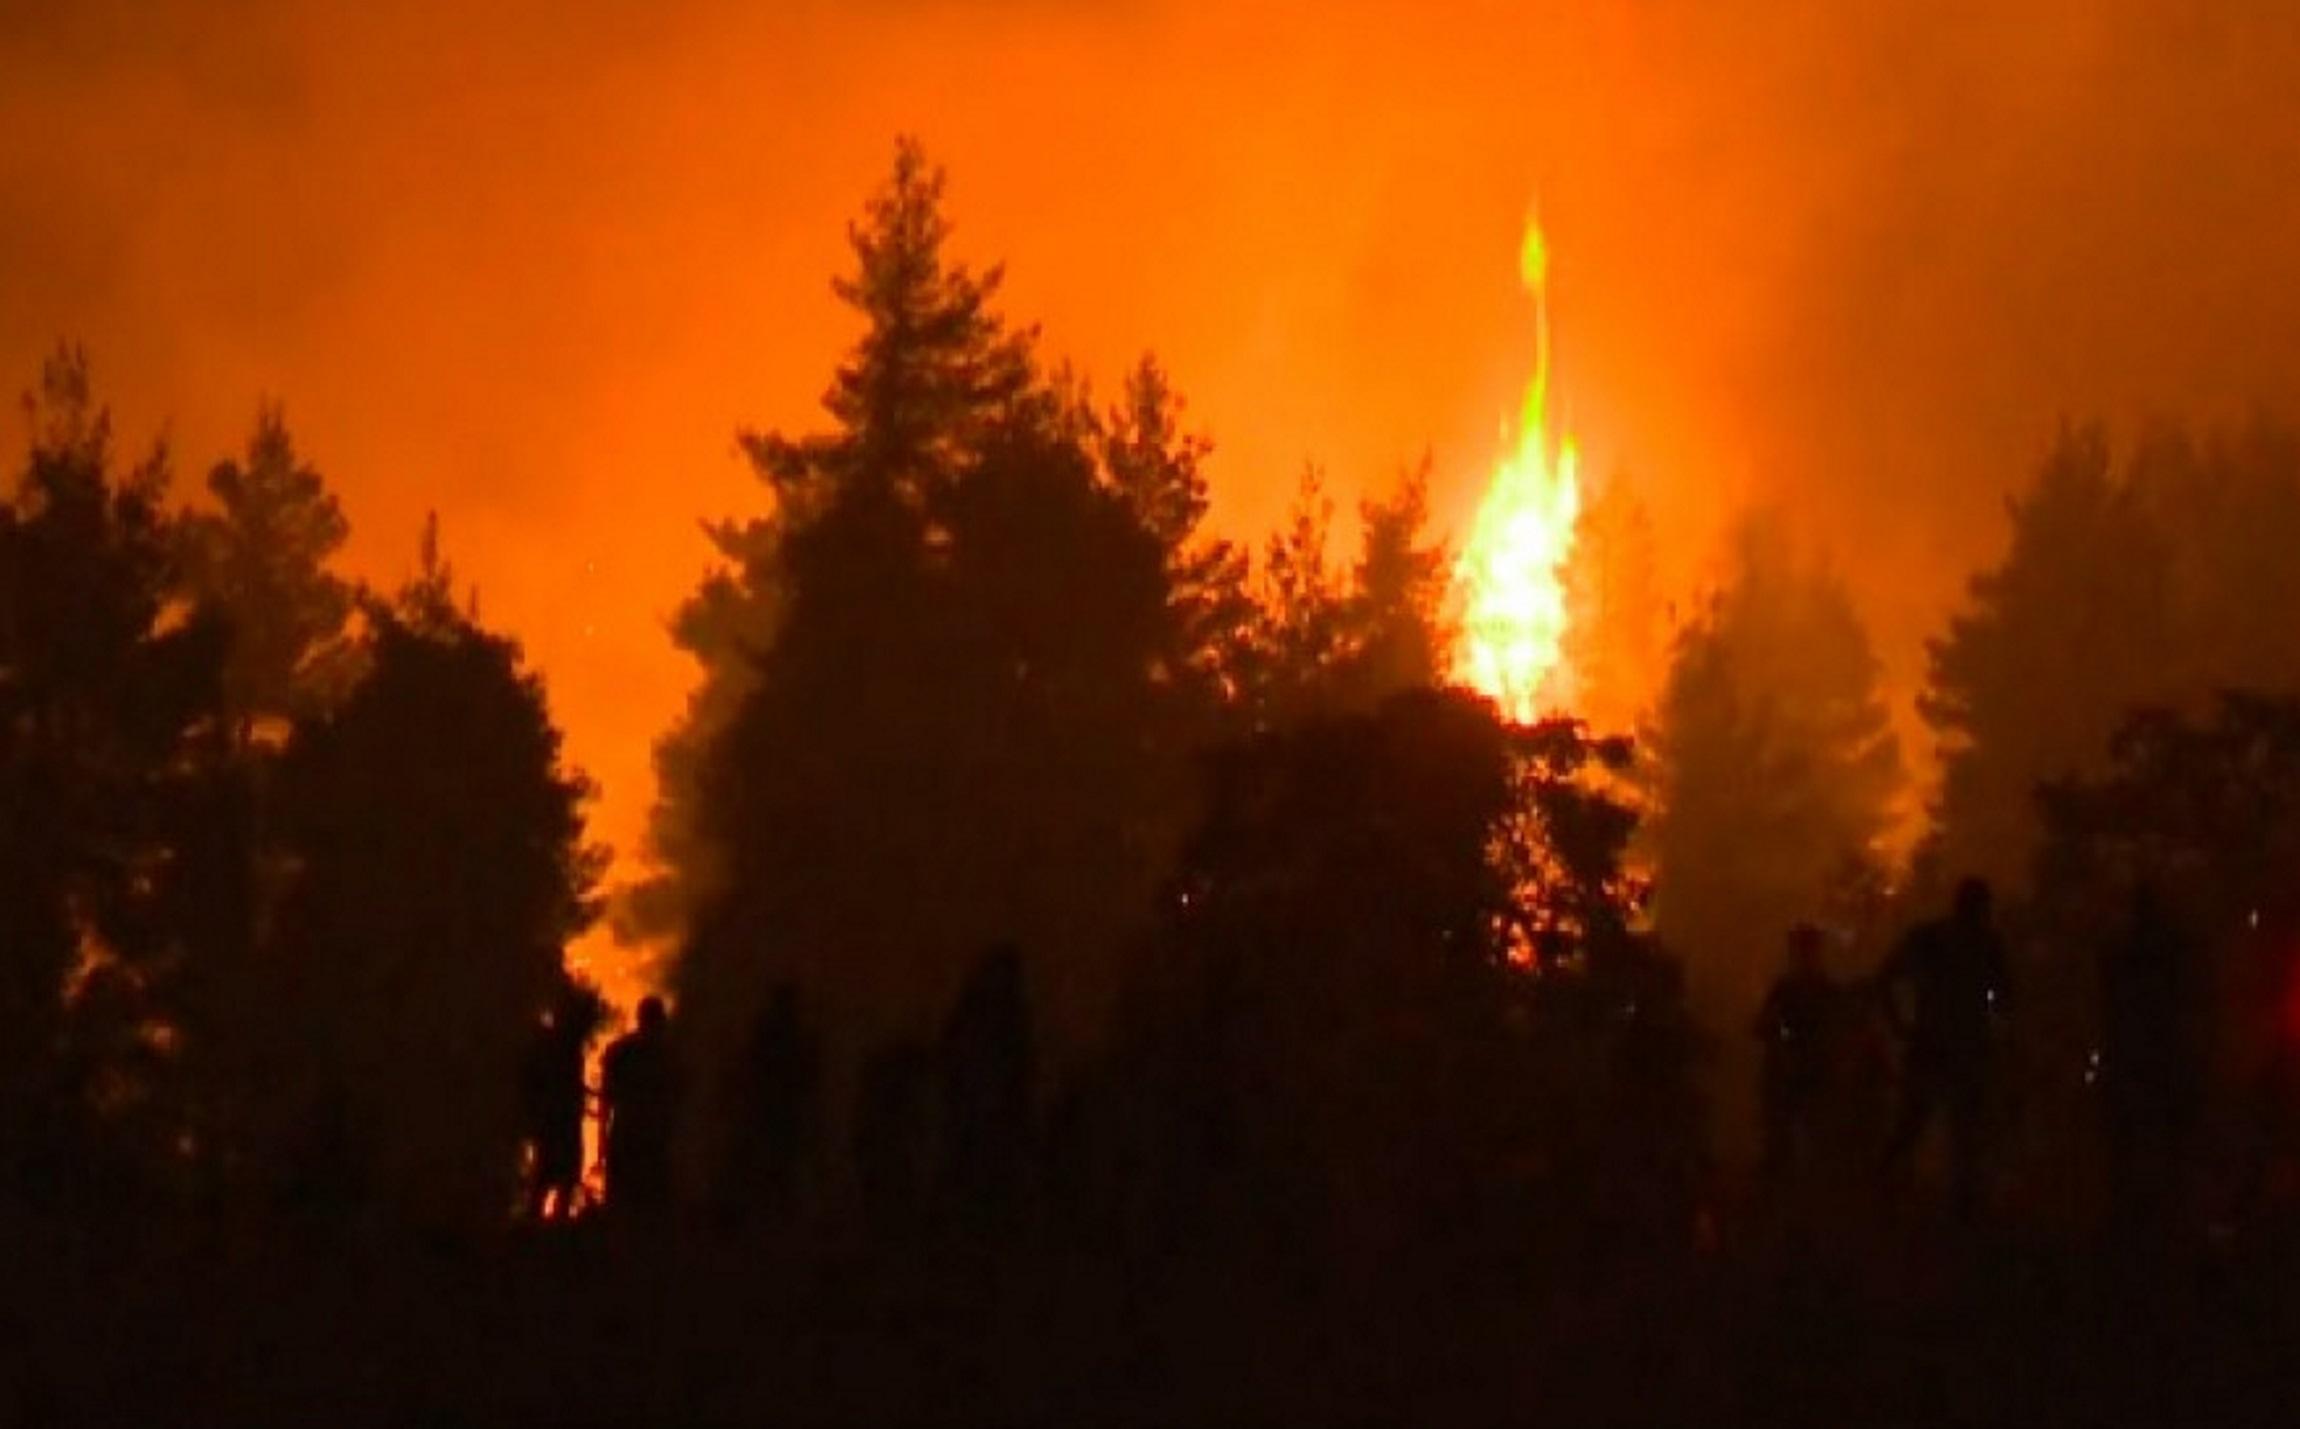 Φωτιά στην Εύβοια: «Εκκενώστε τώρα» – Νέο μήνυμα του 112 για την Αβγαριά